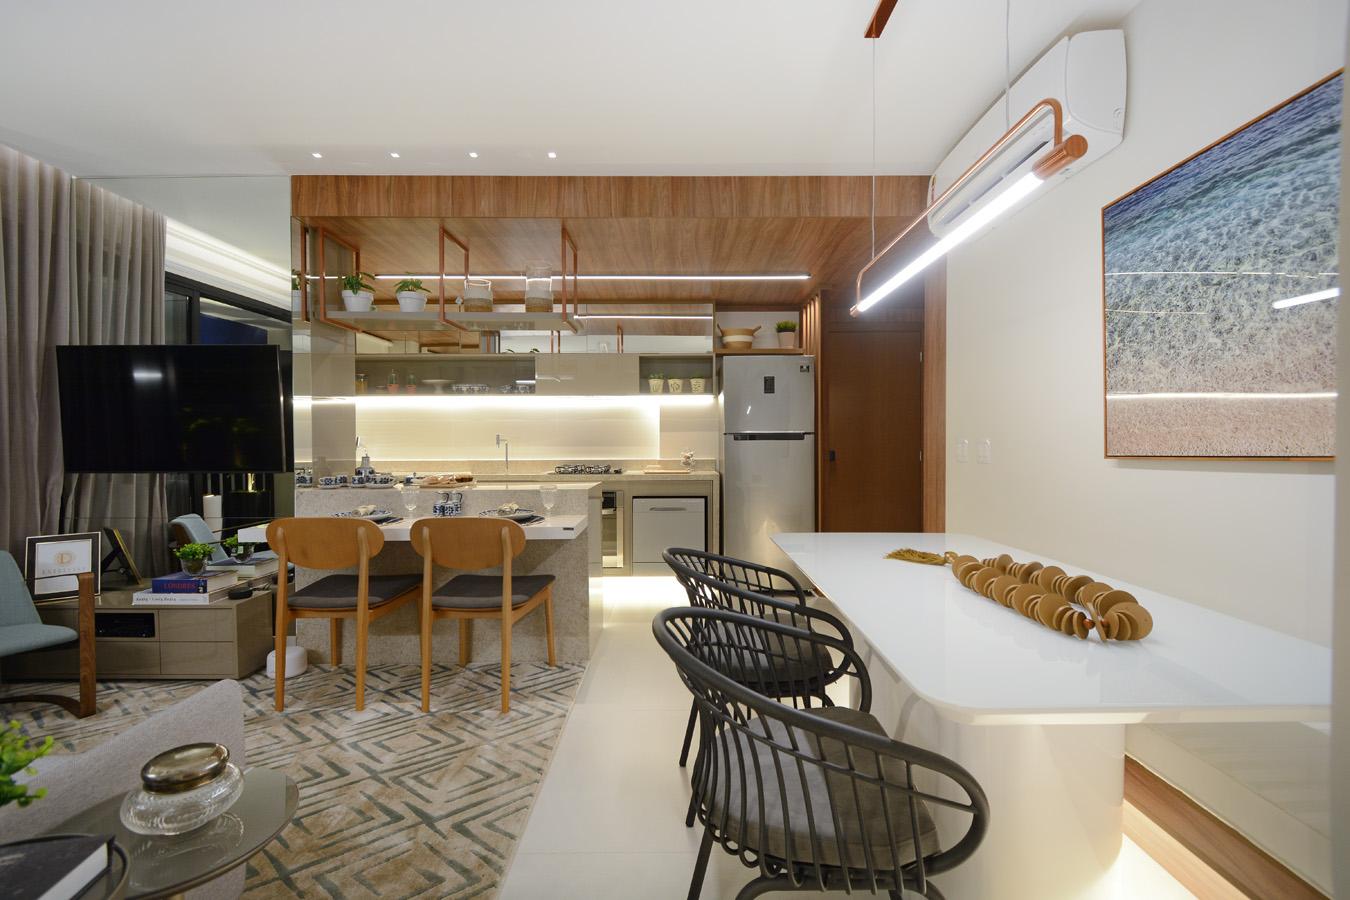 Colar decorativo de madeira constrata com mesa e luminária de metal no decorado de 69 m² - Marcus Camargo